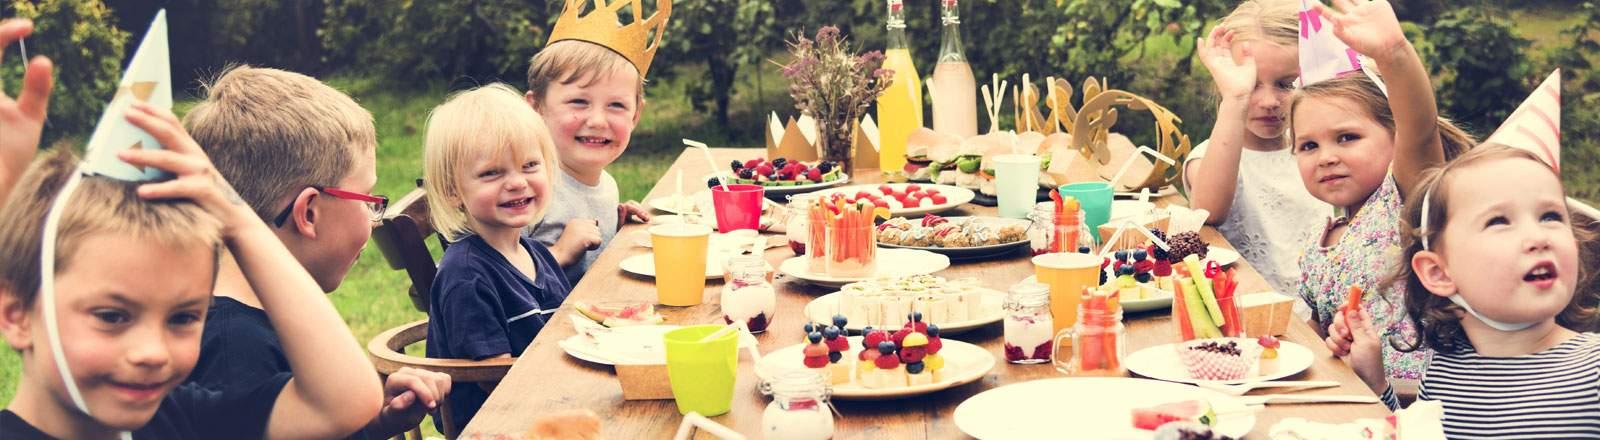 Alivio para el malestar estomacal en niños